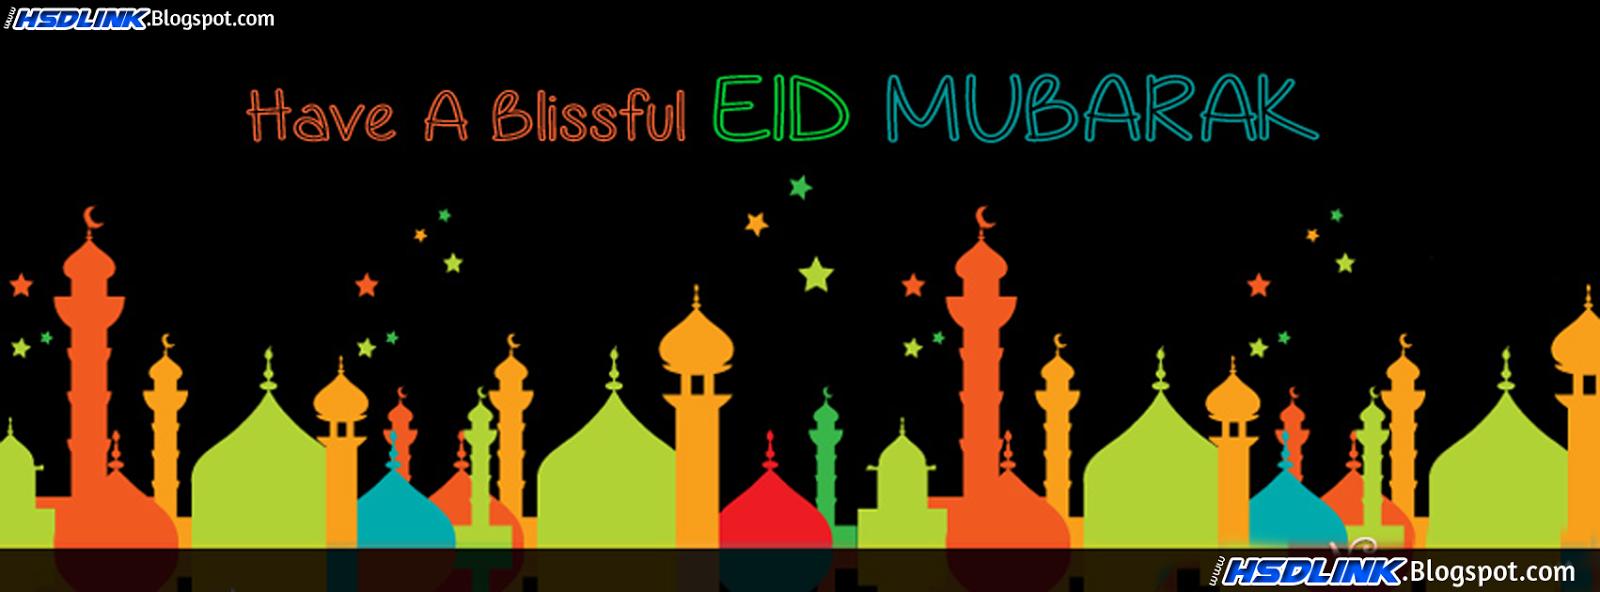 16215892118 завершается благословенный рамадан праздником ид аль-фитр - без преувеличения можно говорить о том